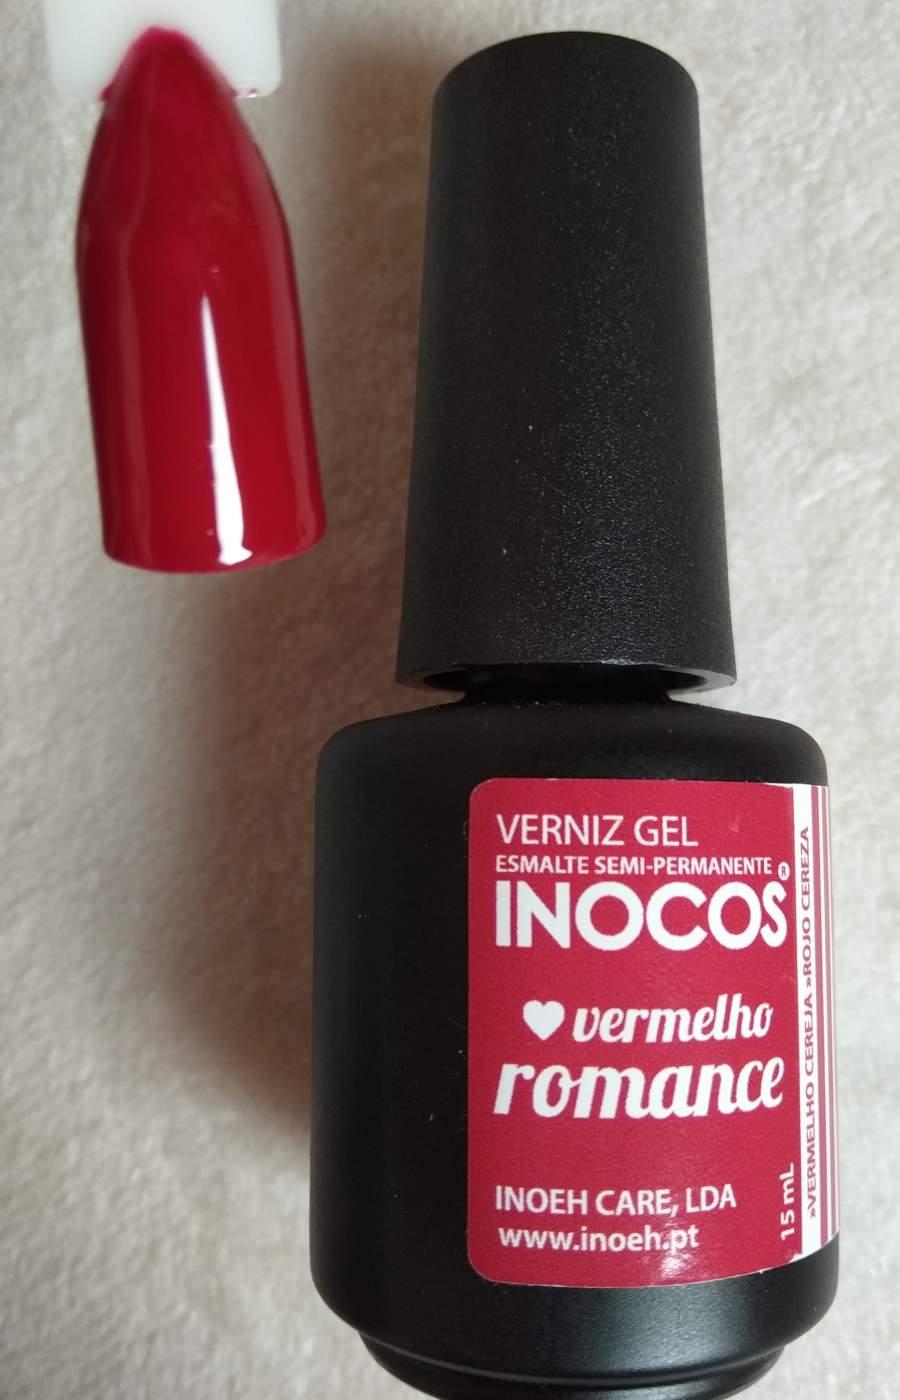 Verniz Gel Inocos Vermelho Romance